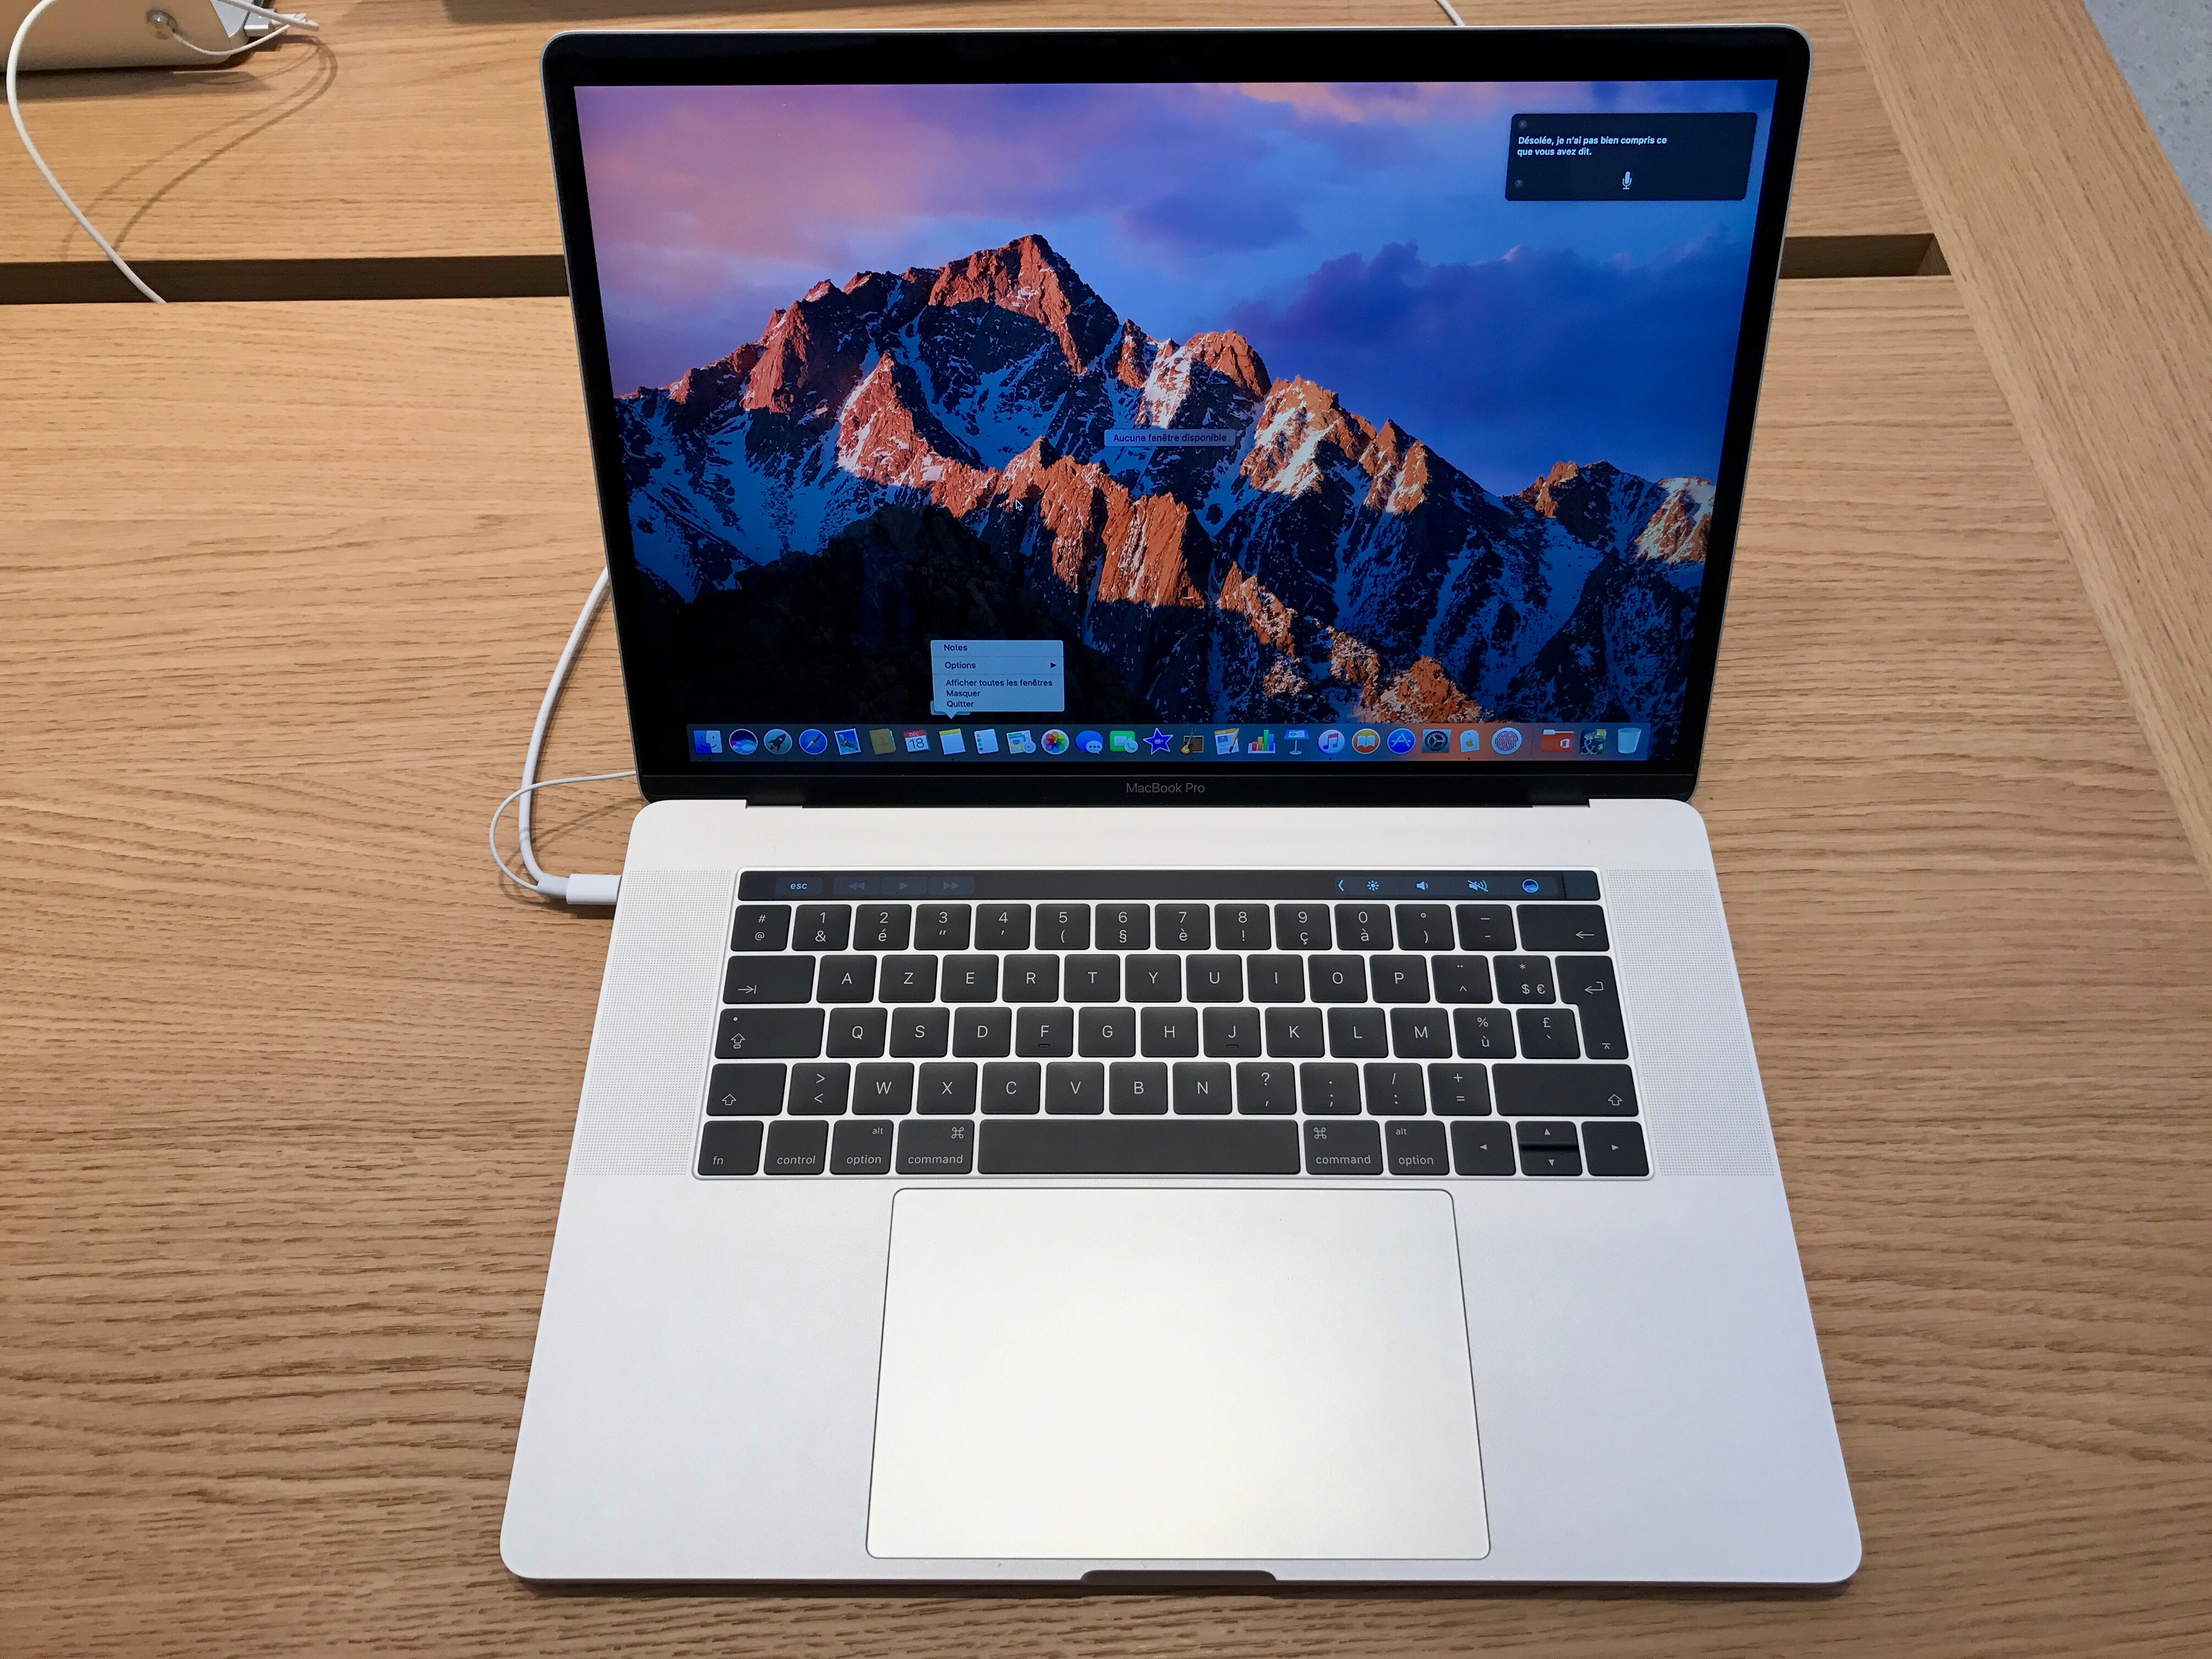 Apple aurait légèrement modifié le design interne des MacBook Pro pour éviter un problème lié à un câble bien court 1